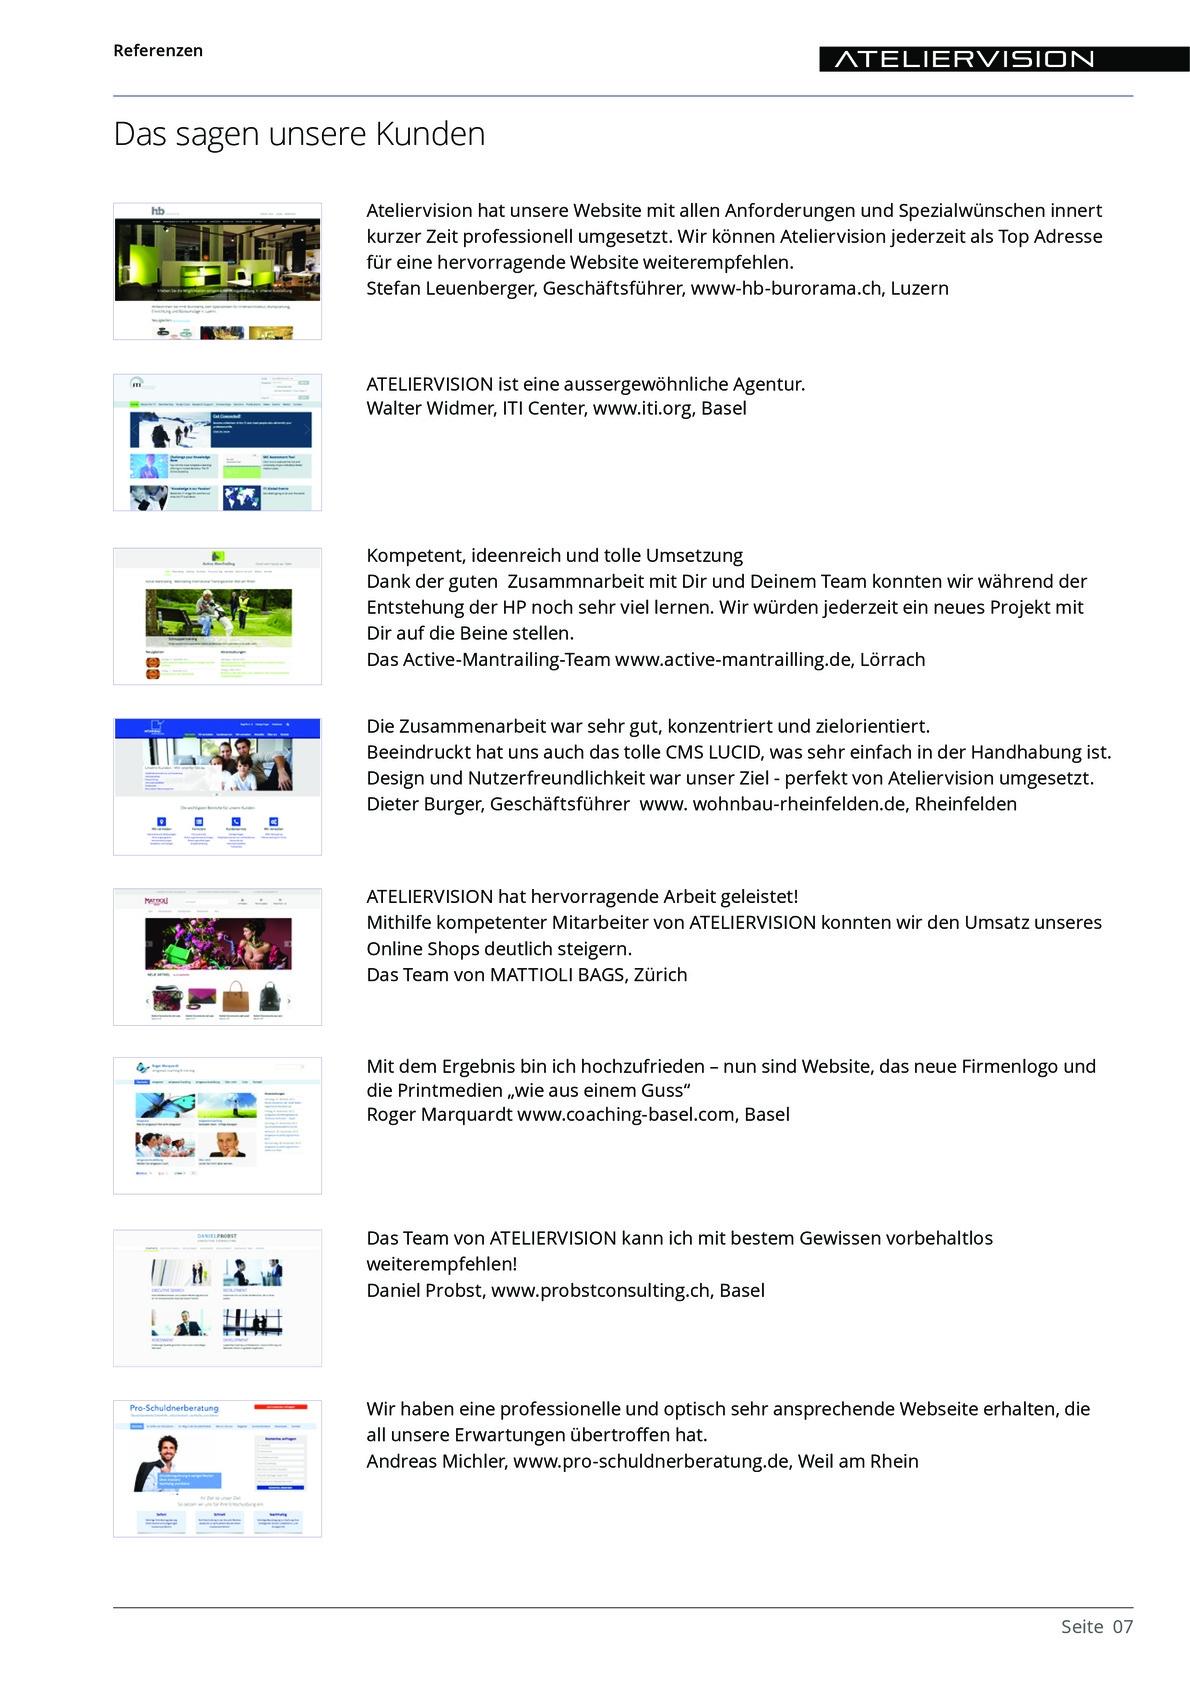 ATELIERVISION Referenzen aus PDF Datei Overview 7